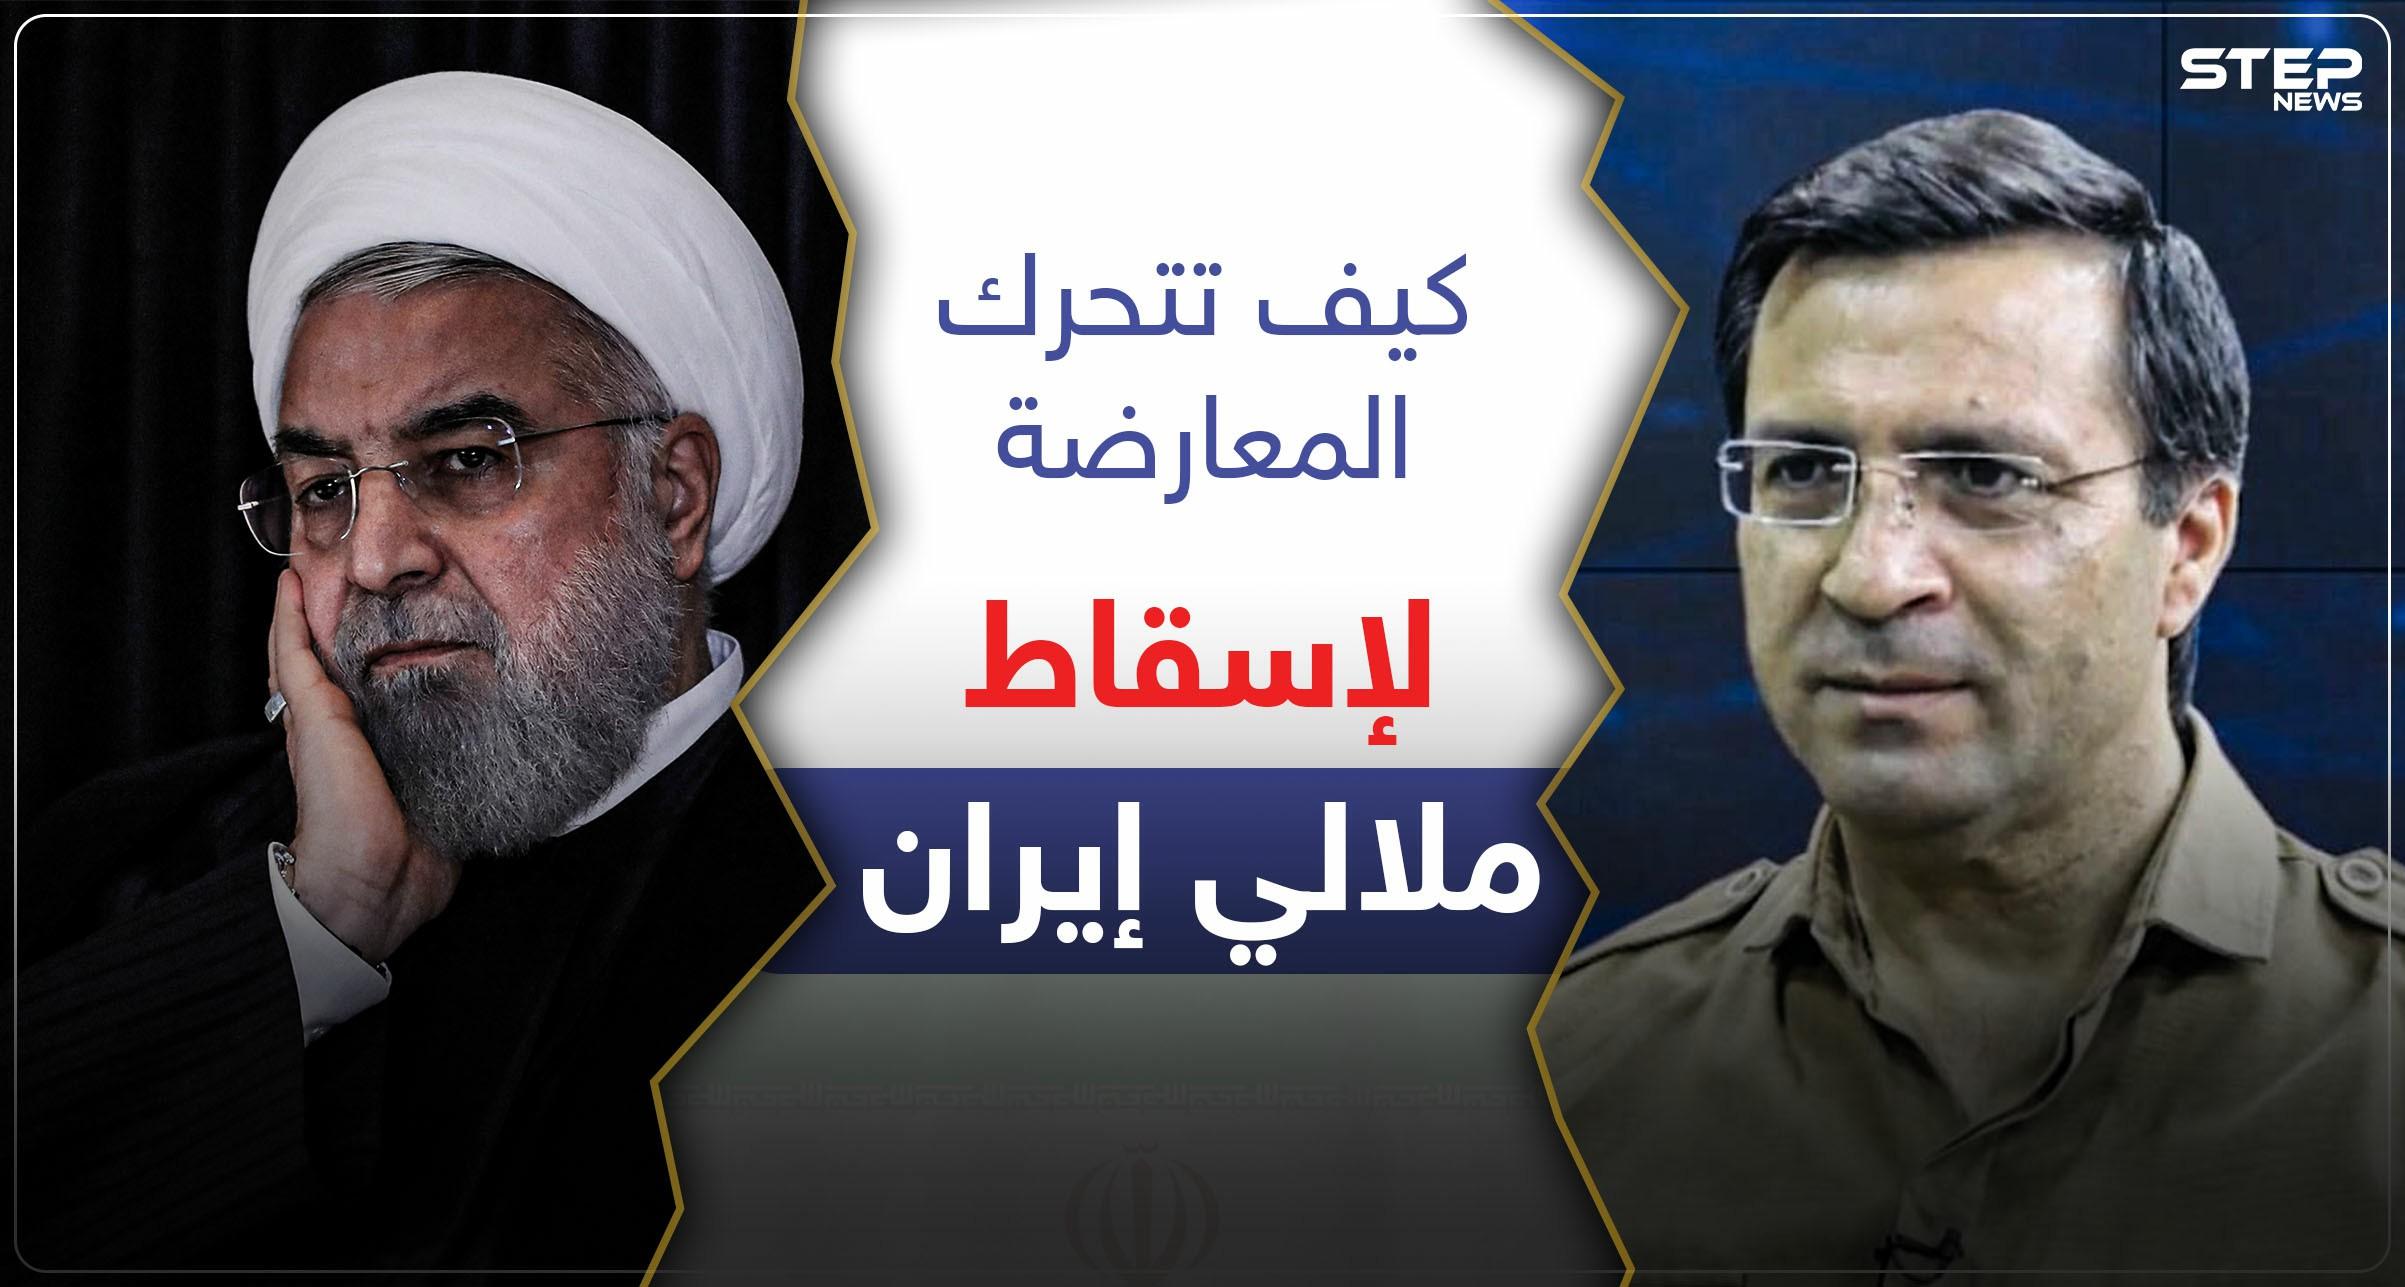 معارض إيراني يكشف عن انفجار الوضع بـ طهران قريباً